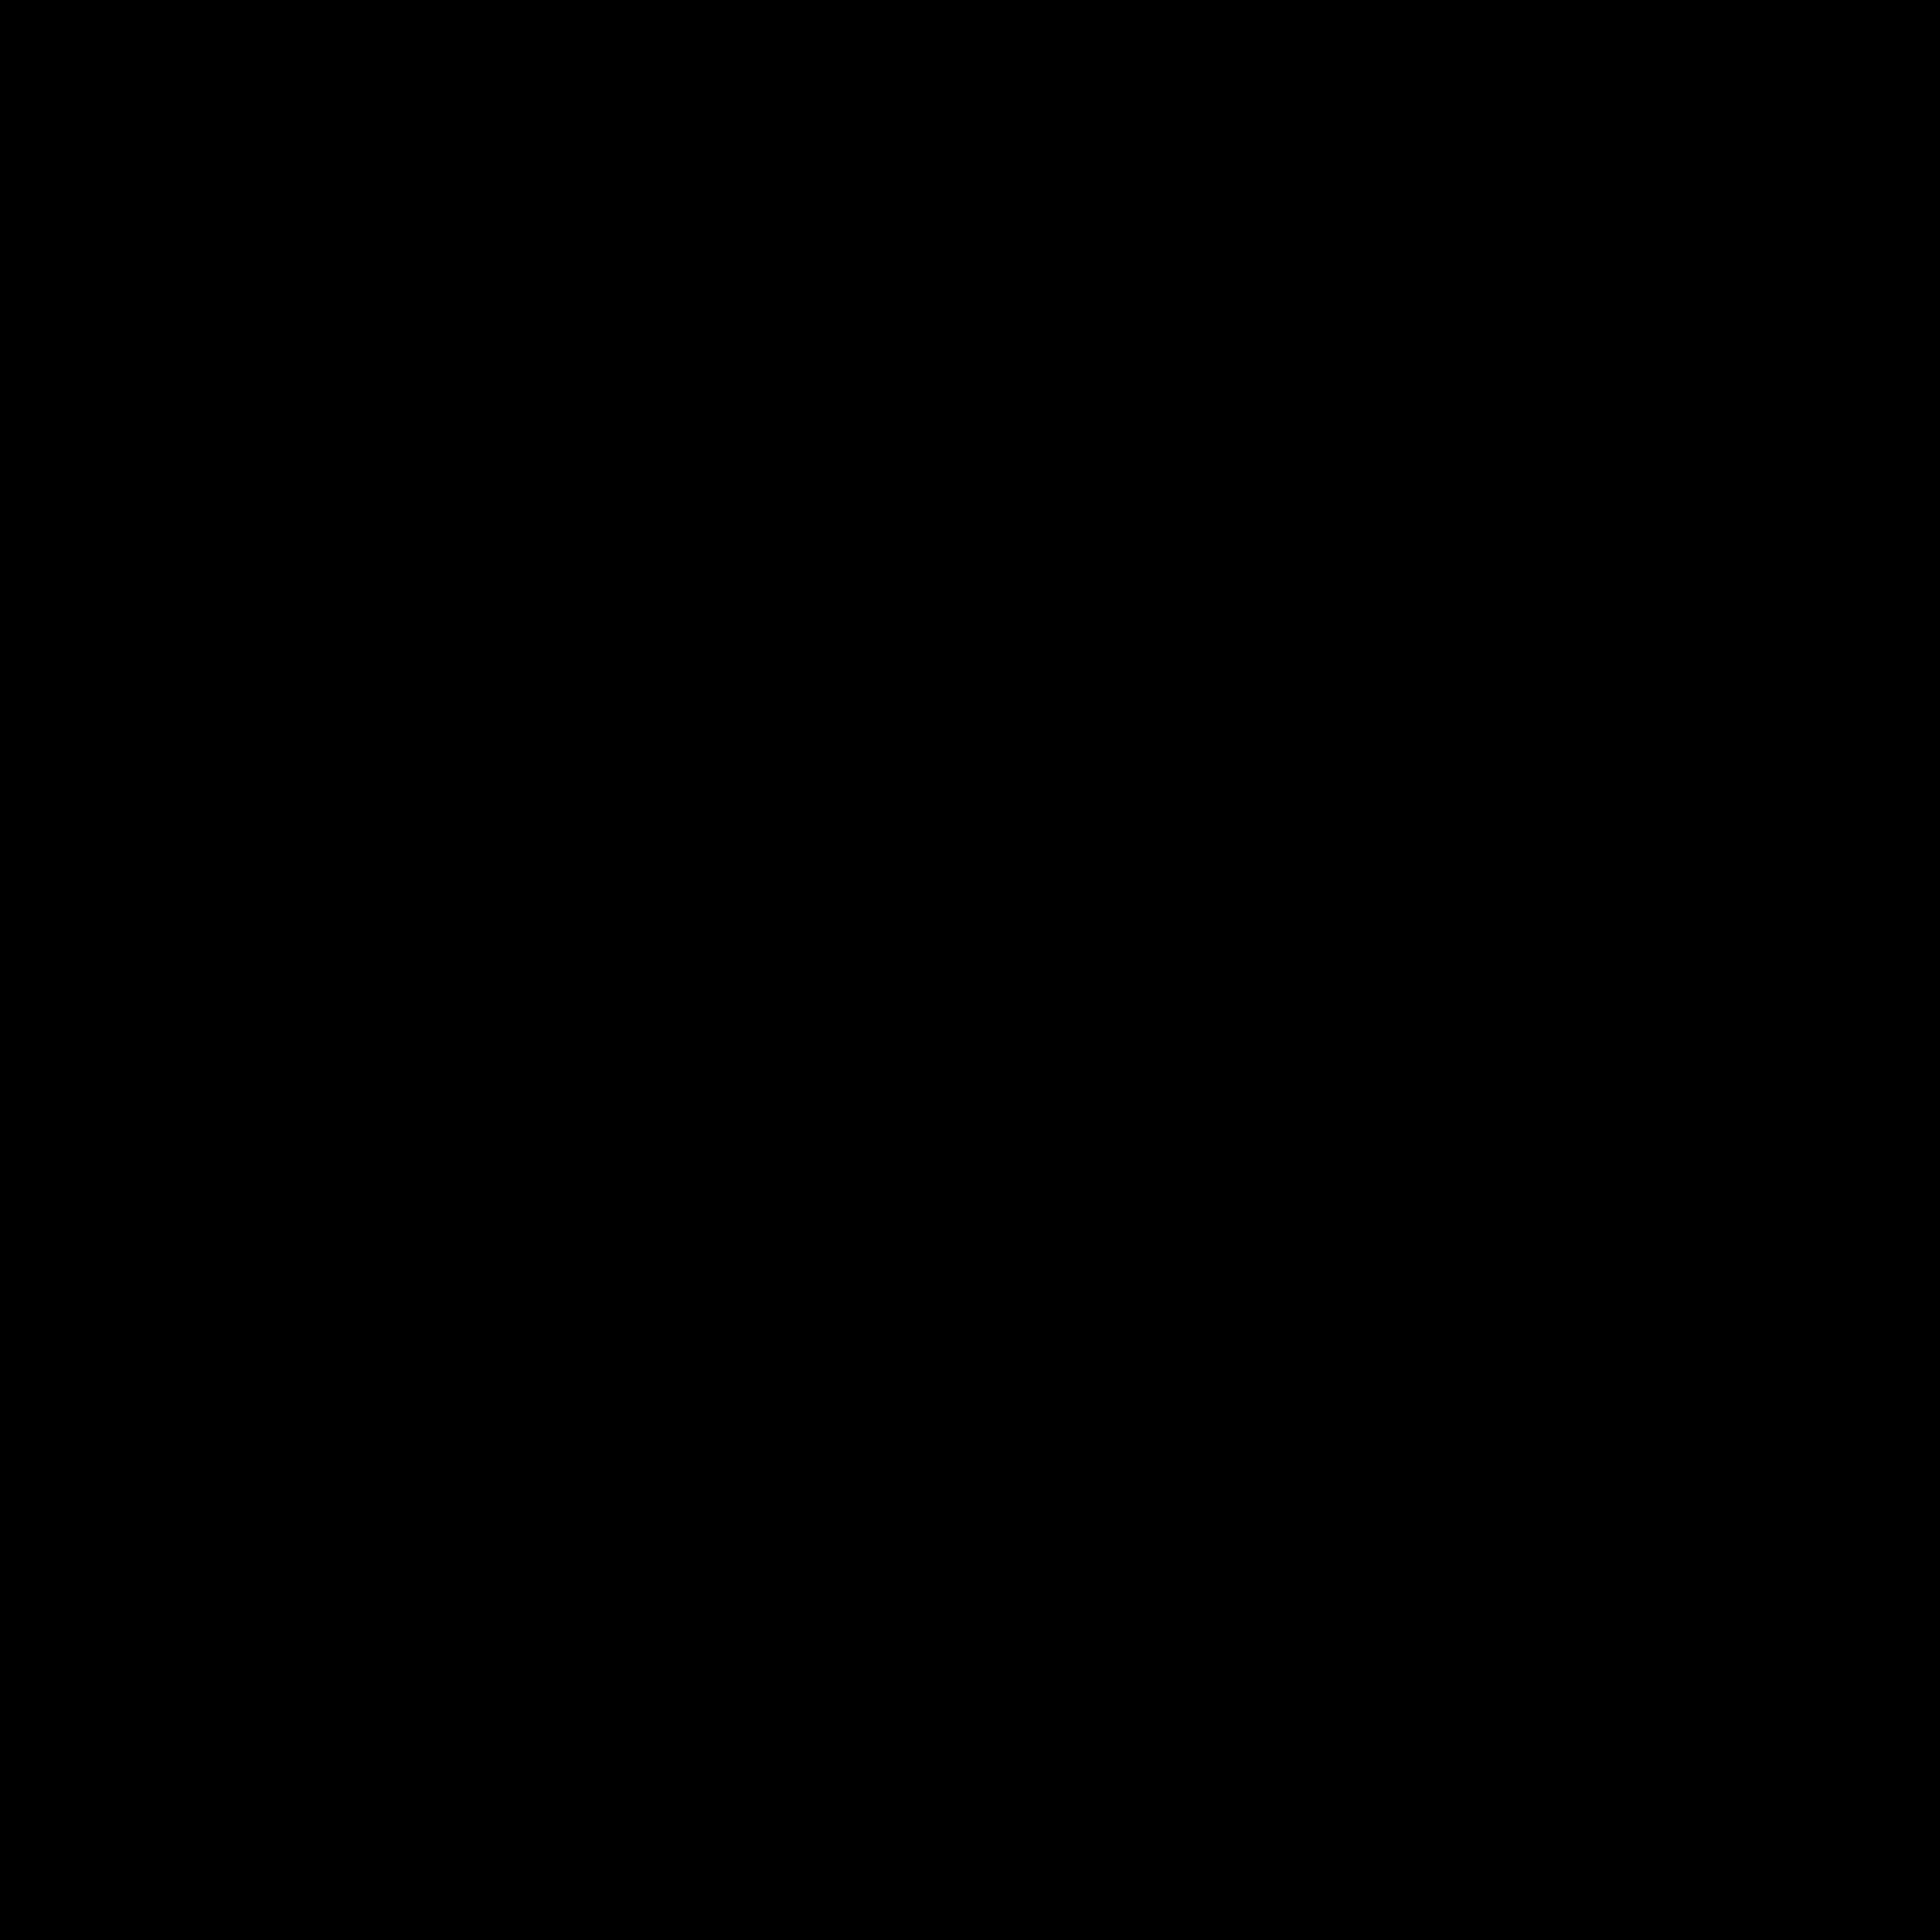 Artboard 1Highline Design BRanding Logo Marketing Web .png